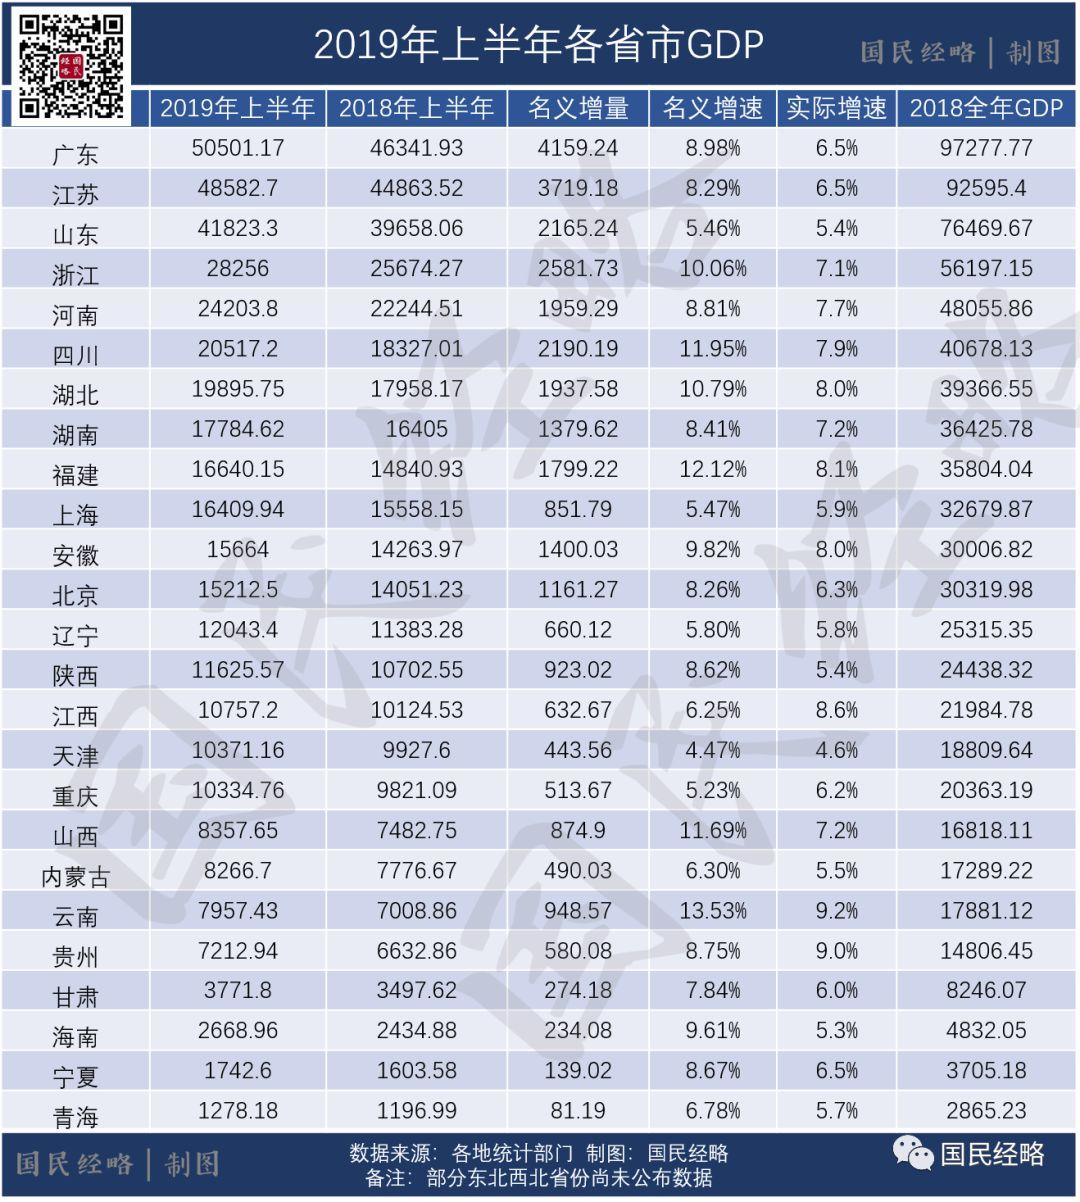 <b>最新省市GDP:粤苏领跑 安徽赶超北京 山东不及预期</b>